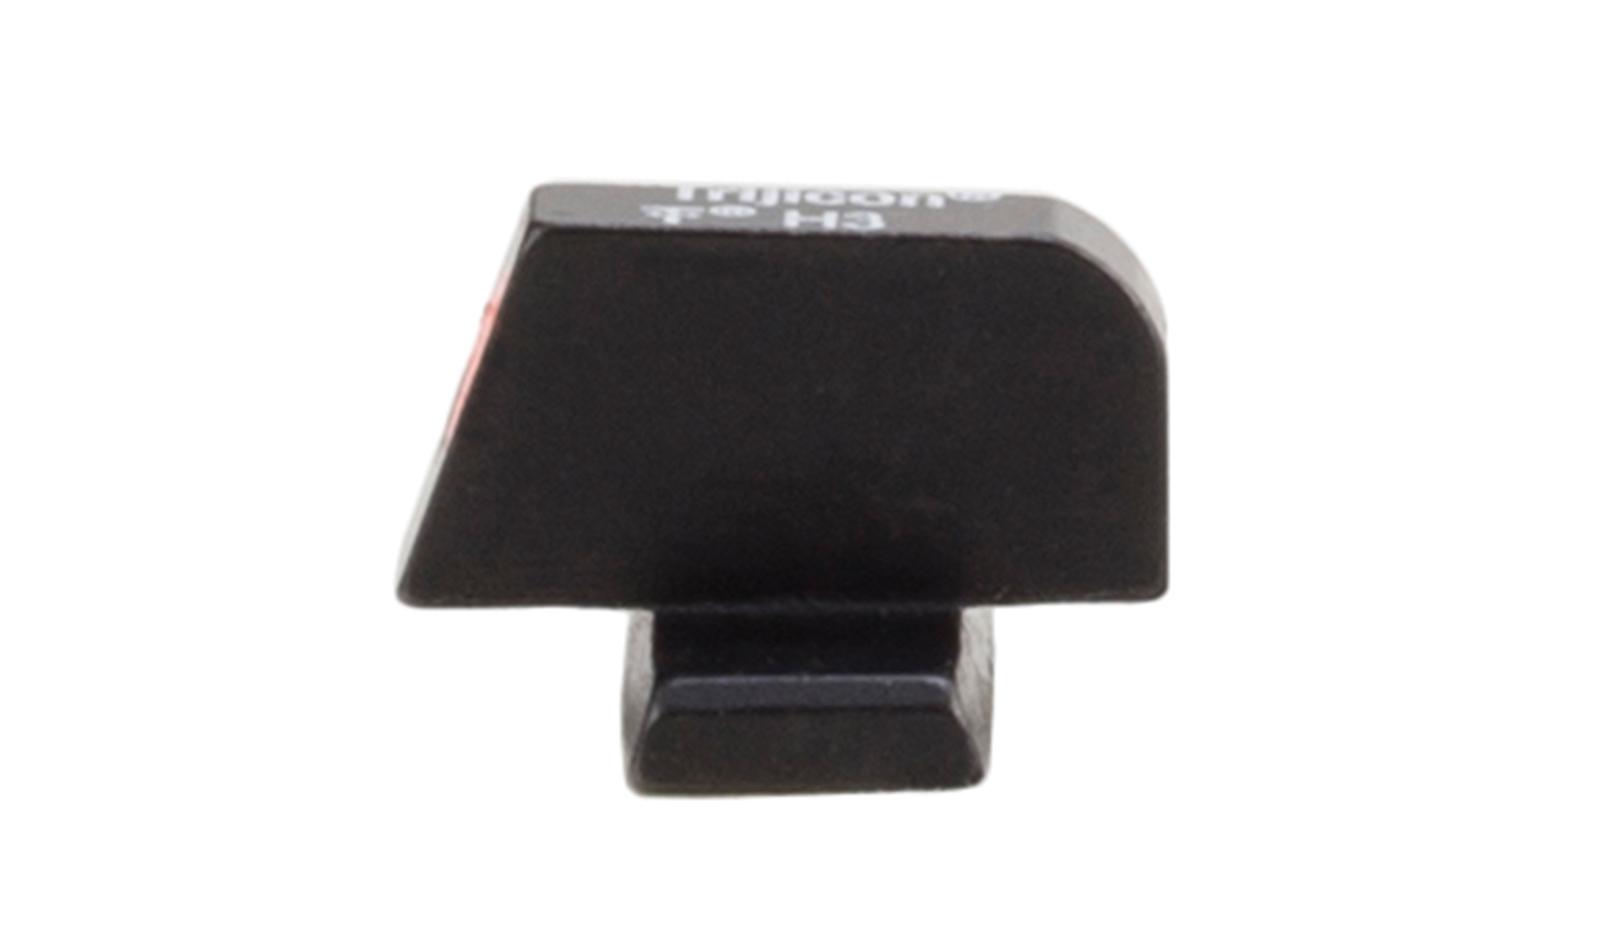 SP602-C-600878 angle 2